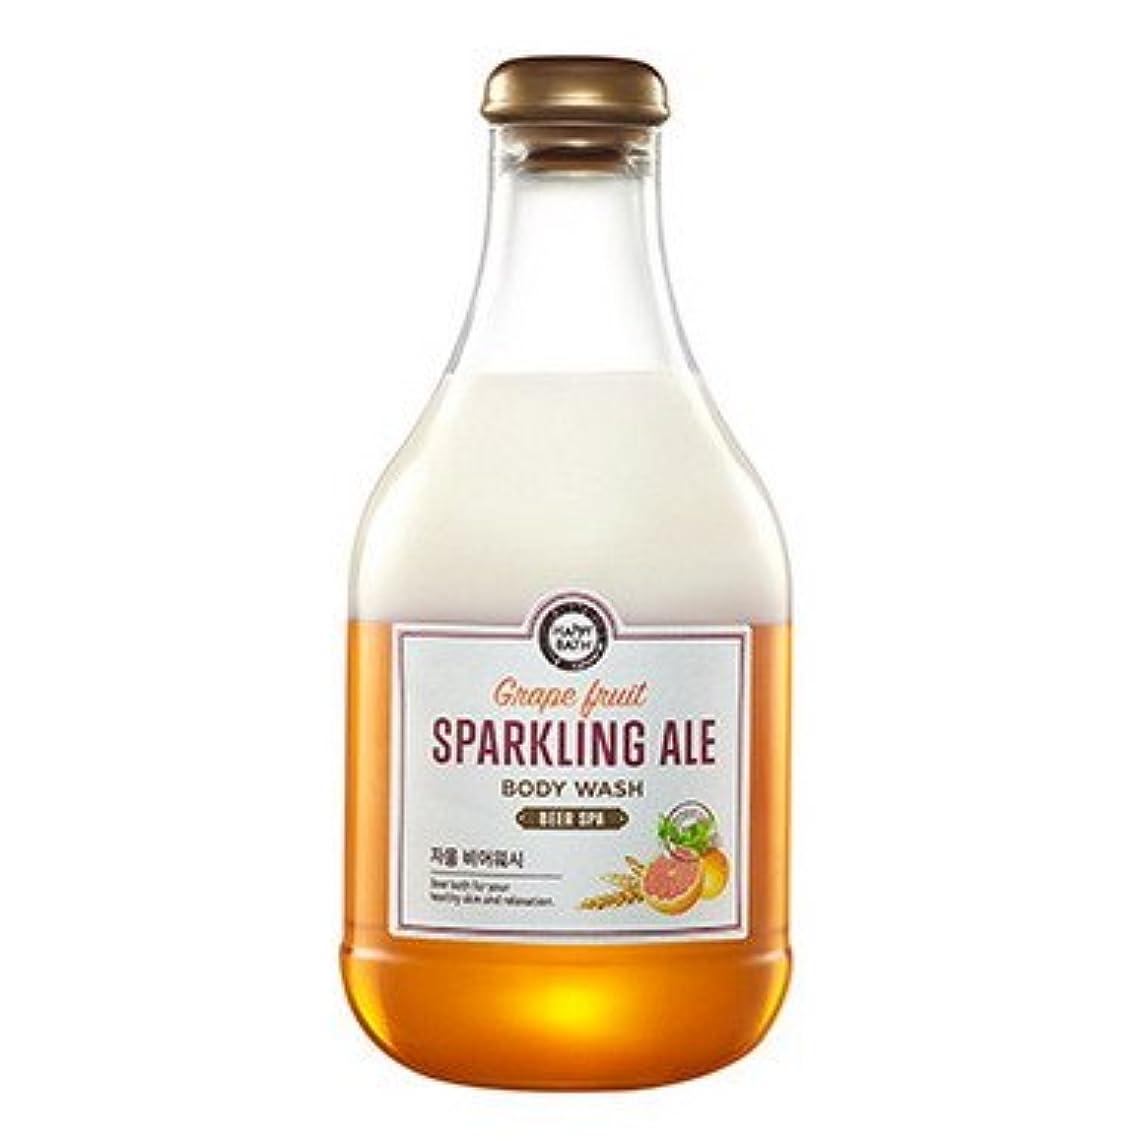 食物バズ減る【Happy Bath】ビールスパ ボディウォッシュ 300ml (4種類選択1) (グレープフルーツビール) [並行輸入品]